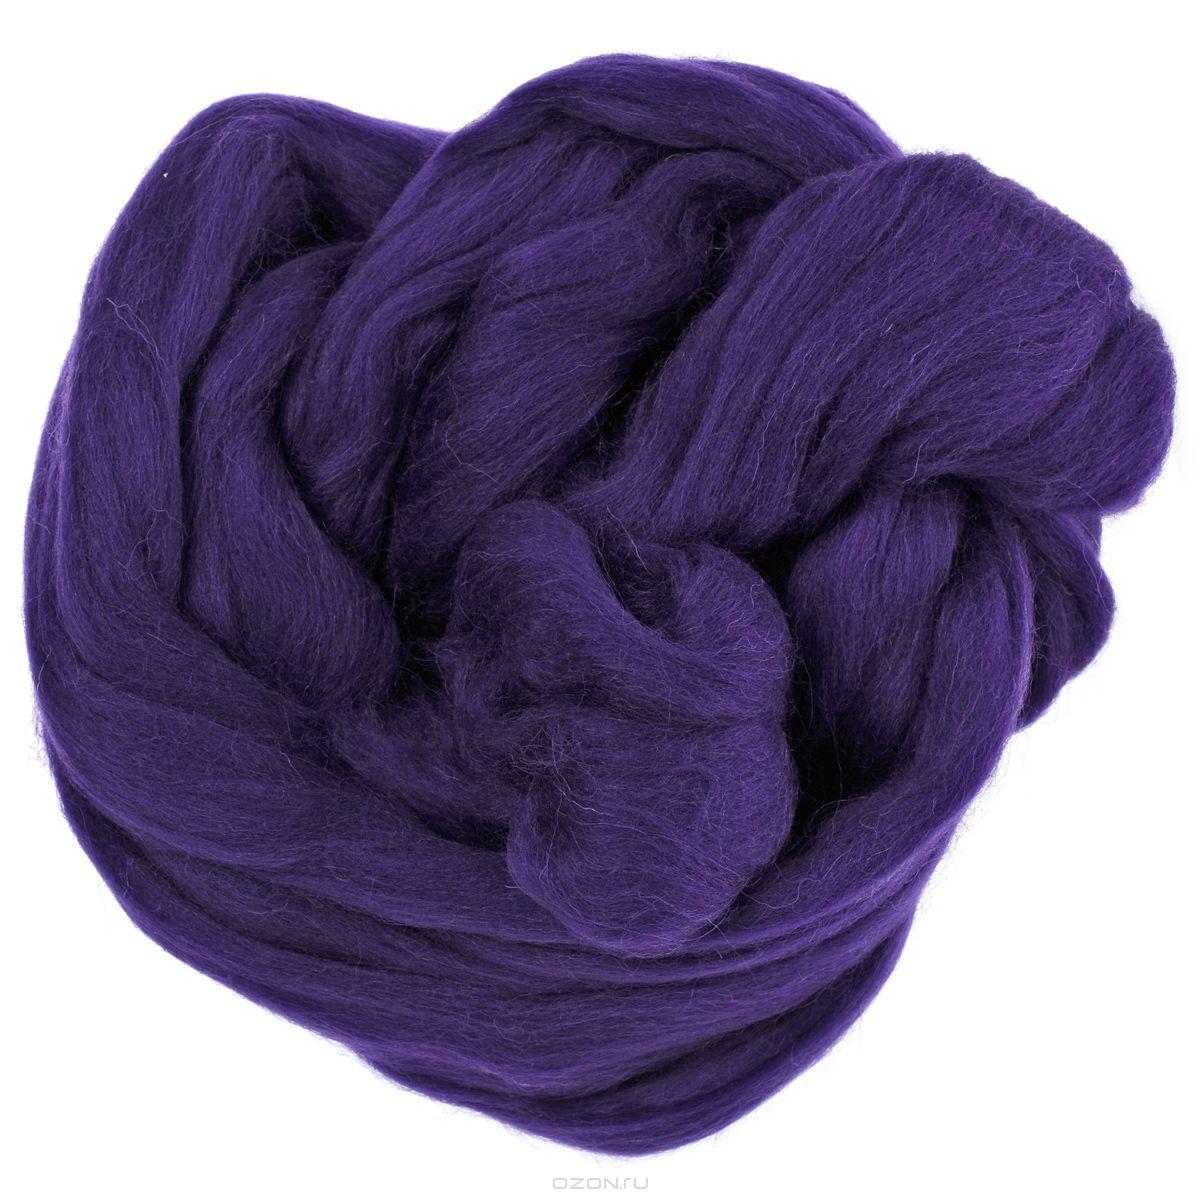 Шерсть для валяния Астра, тонкая, цвет: фиолетовый (0262), 50 г679103_0262